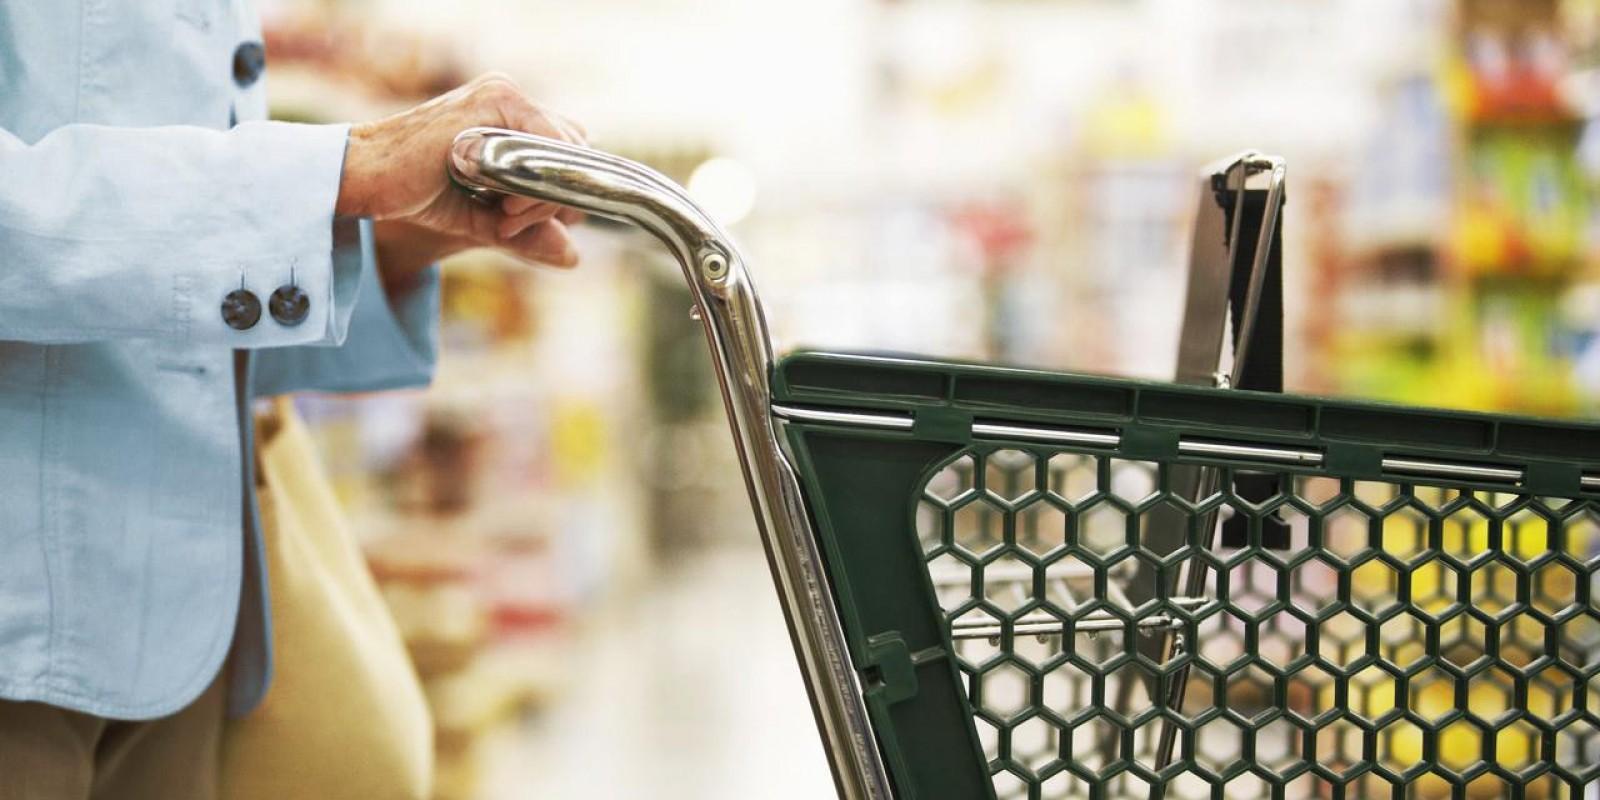 Supermercado britânico recolhe carne enlatada da JBS após investigação de trabalho escravo